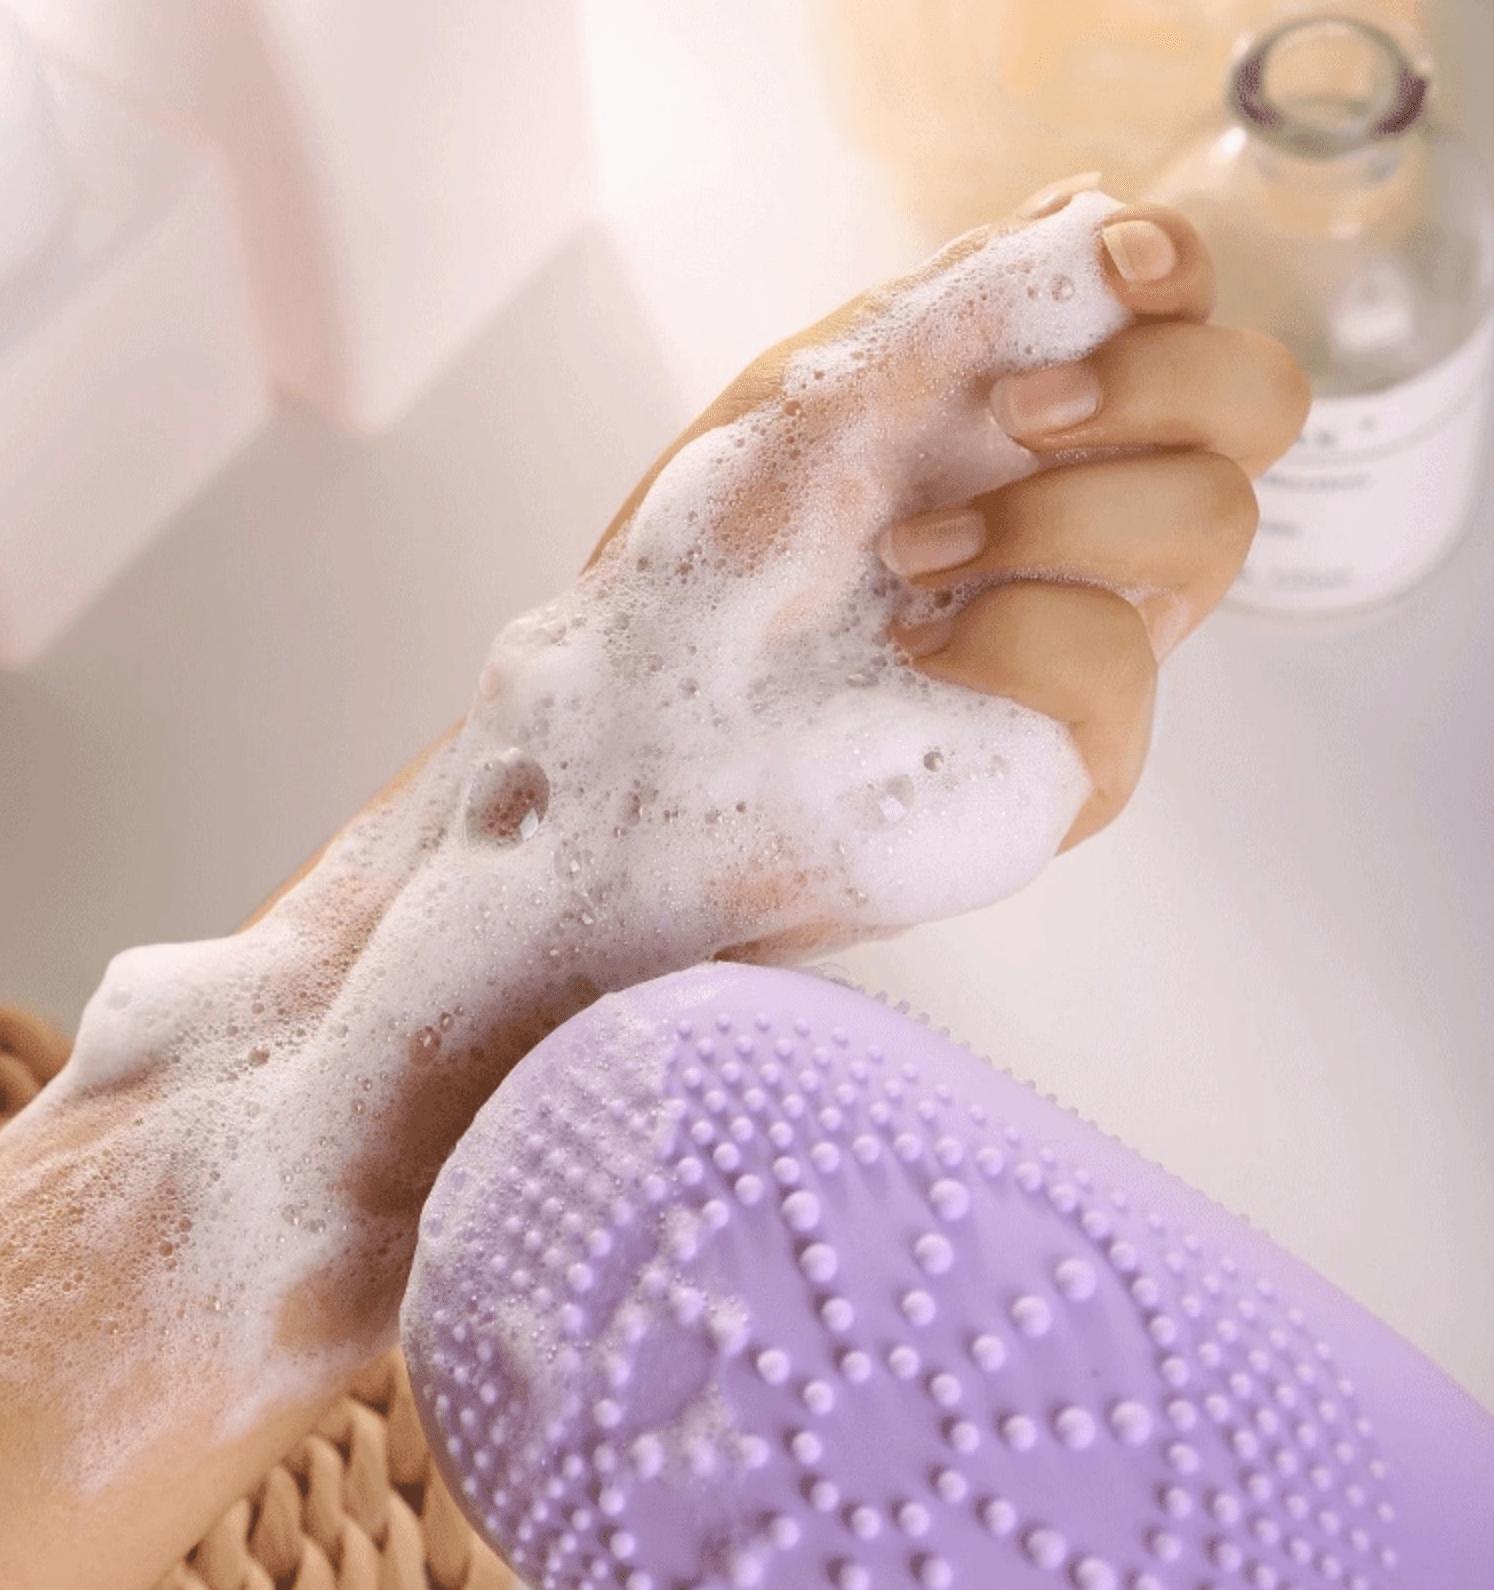 силиконовая щетка для тела, массажная силиконовая щетка, массажная щетка для тела, щетка для тела, щетка для душа, щетка для ванны